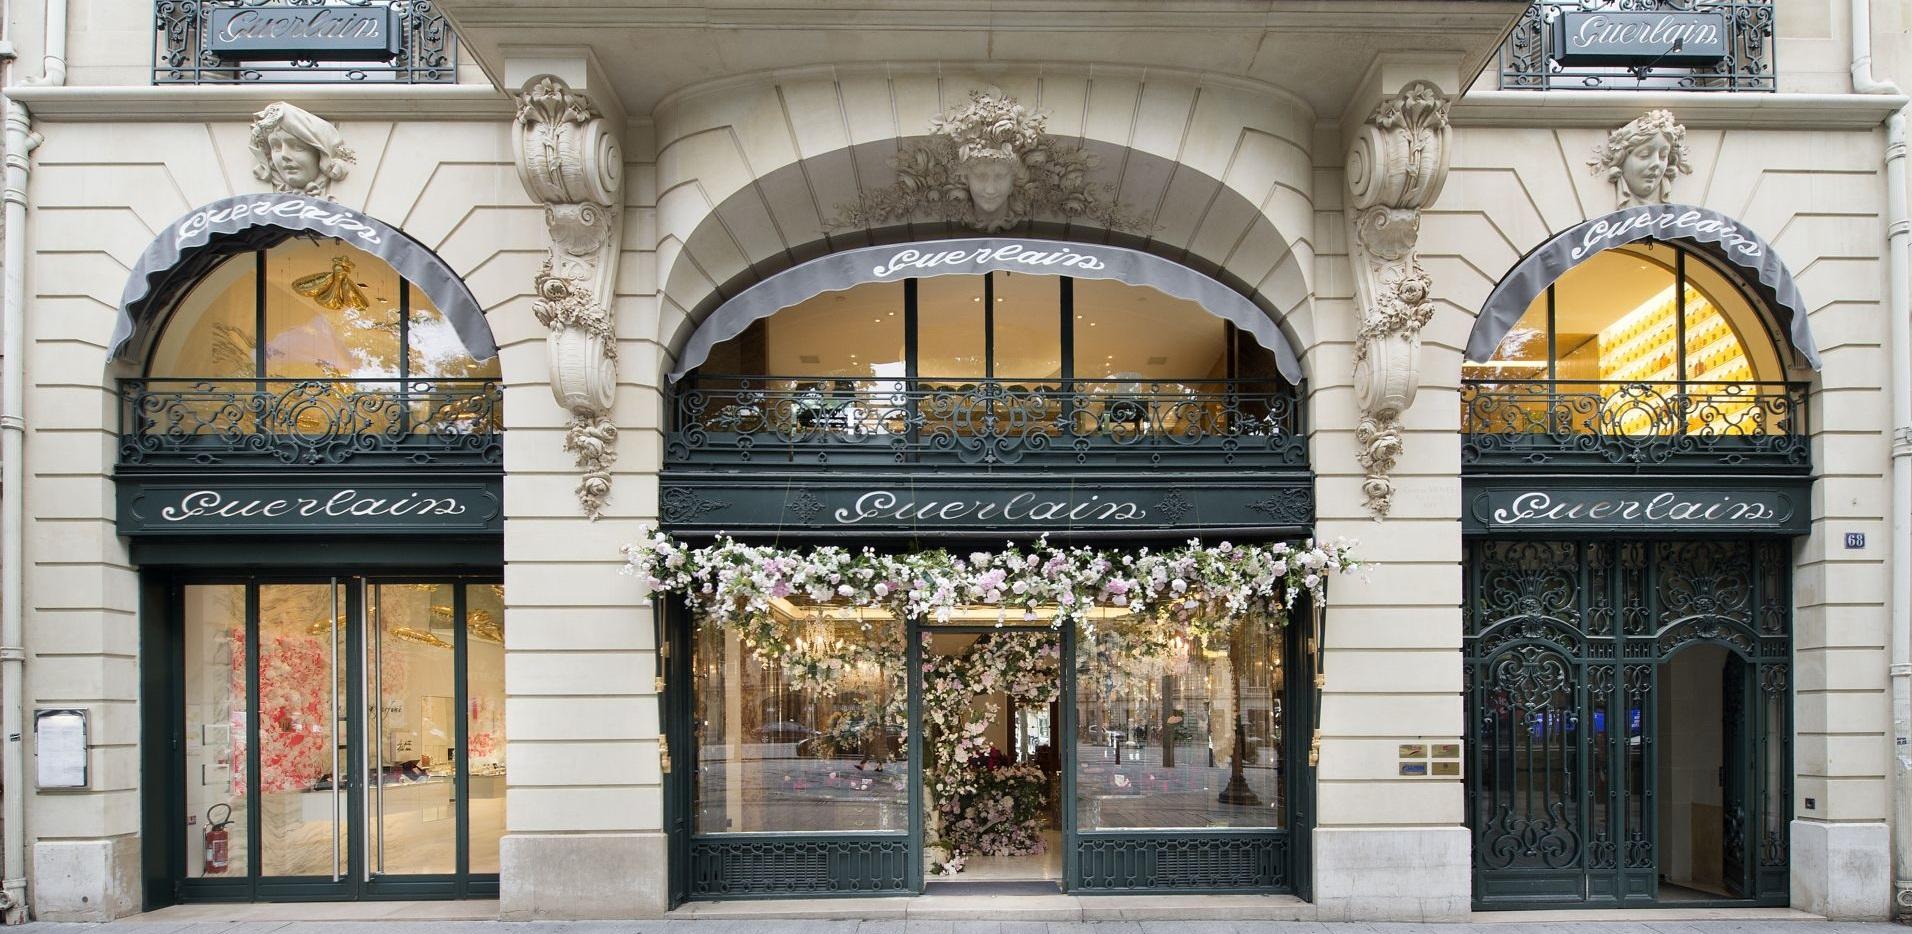 68号的Guerlain当之无愧地成为香街最著名的百年老店。100多年后这座新艺术风格的老楼还是那么雍容华贵。可是它70号的老邻居现在身在何处?